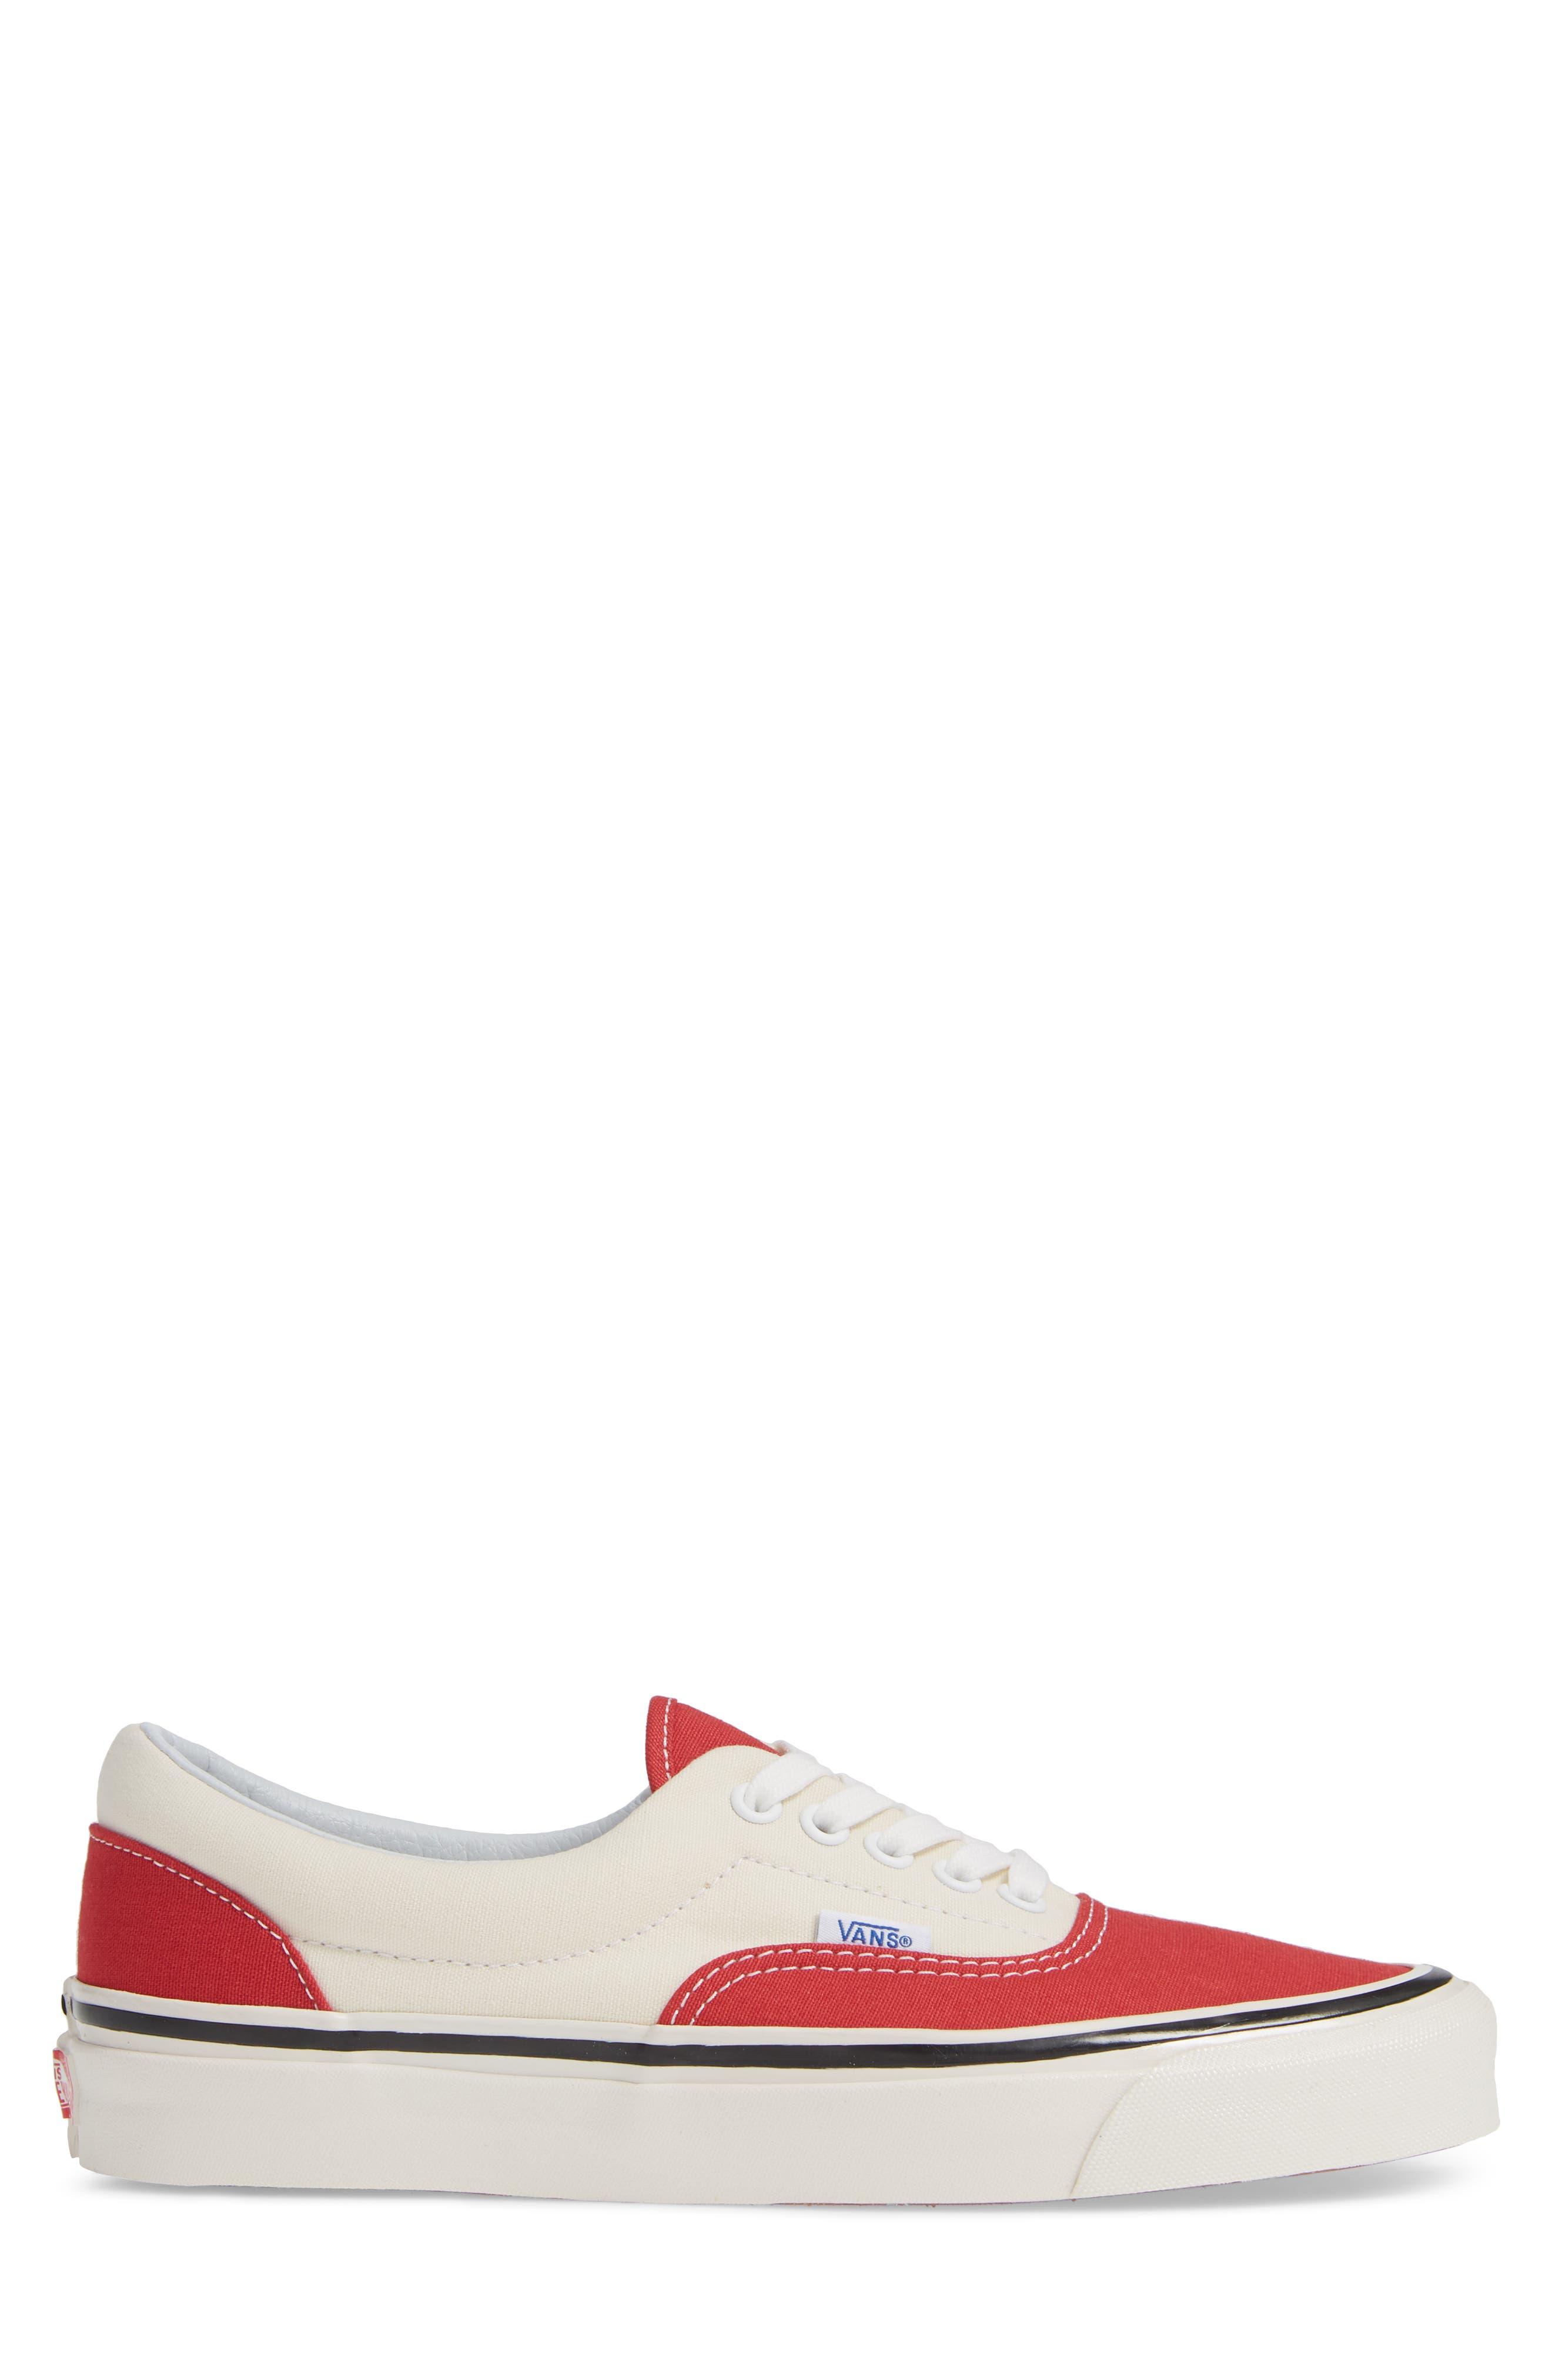 Anaheim Factory Era 95 DX Sneaker,                             Alternate thumbnail 3, color,                             OG RED/ OG WHITE CANVAS